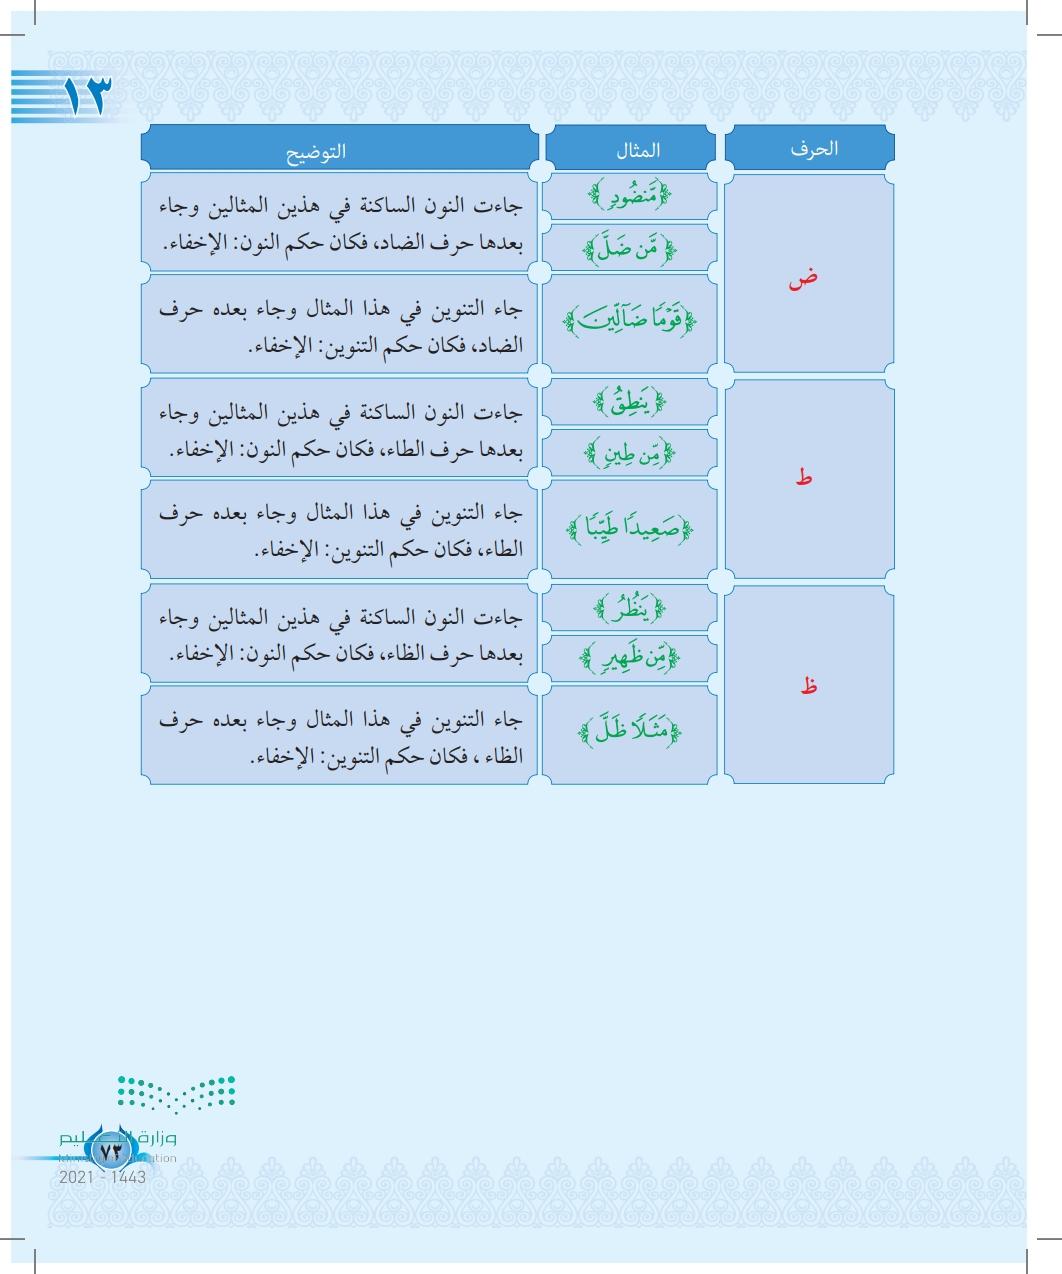 الدرس الثالث عشر: حروف الإخفاء (س،ش،ص،ض،ط،ظ)